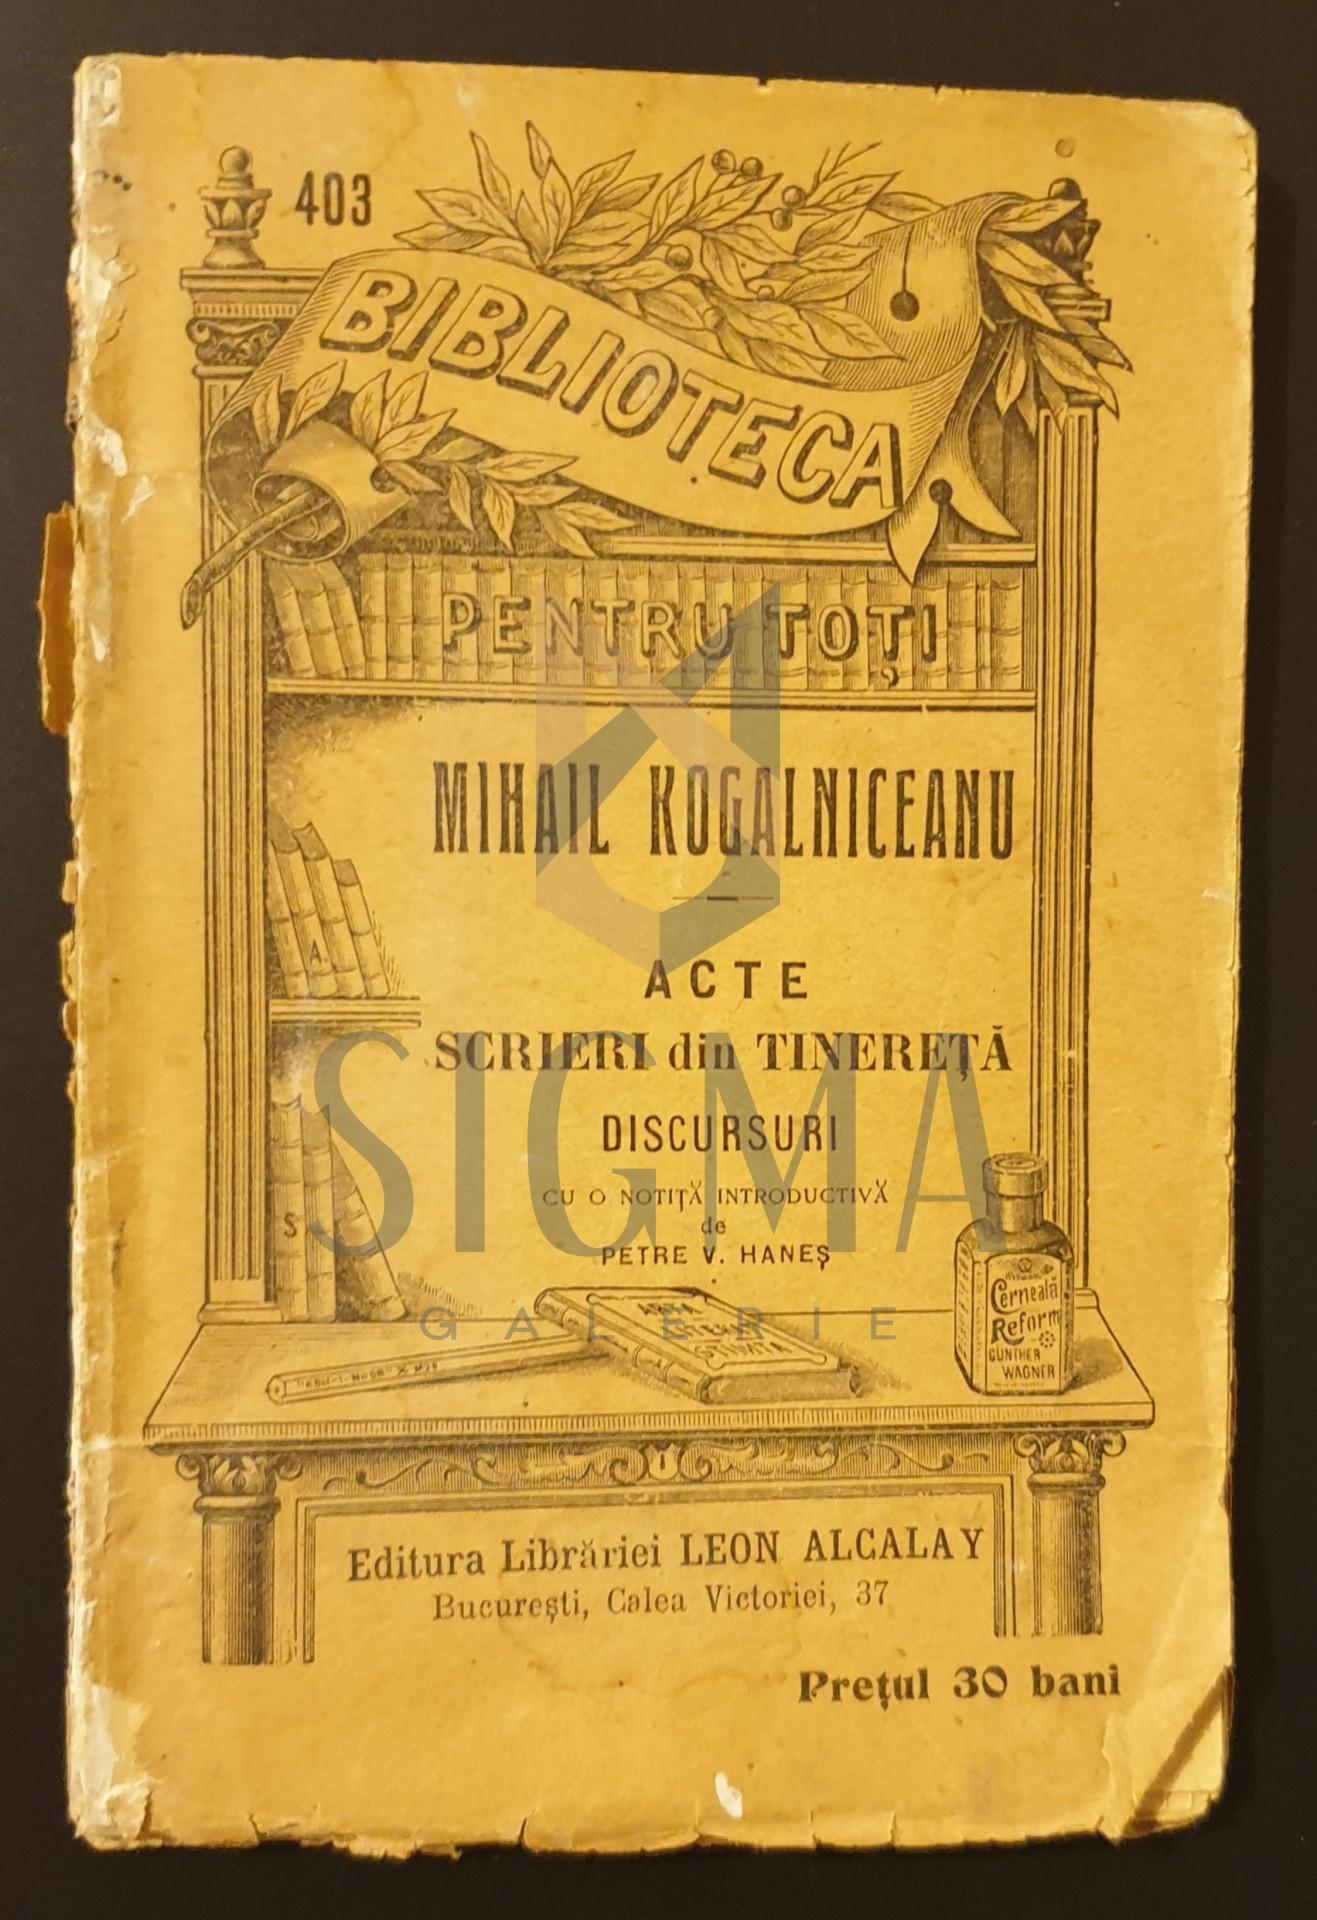 Mihail Kogalniceanu - Acte, scrieri din tinereta, discursuri